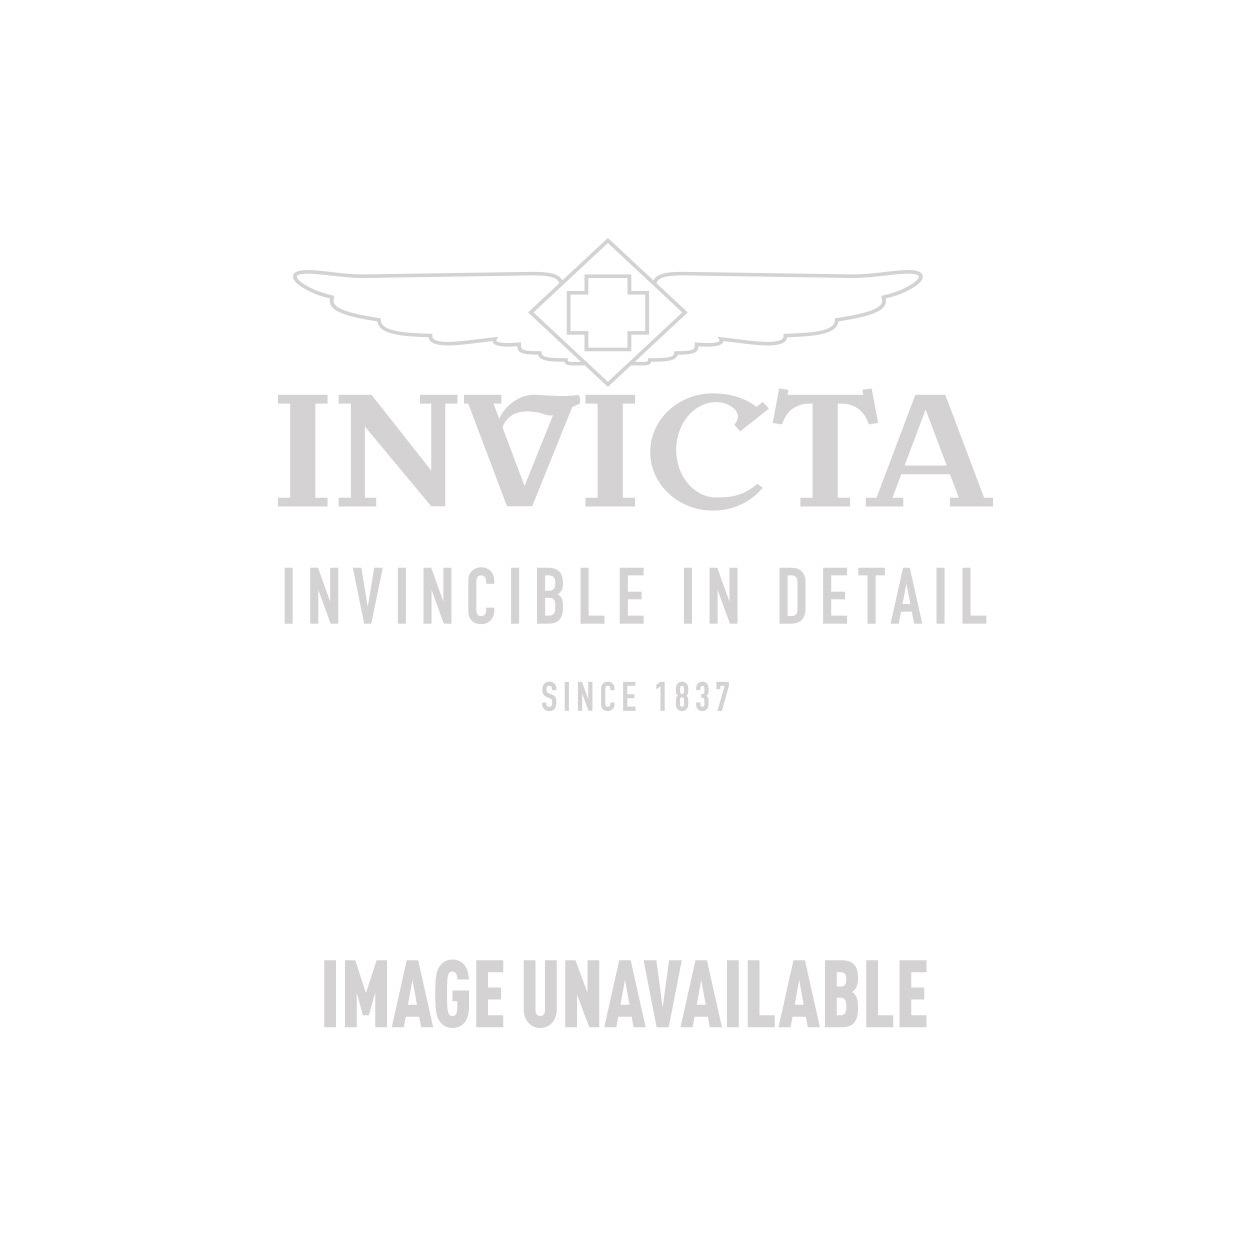 Invicta Model 27691